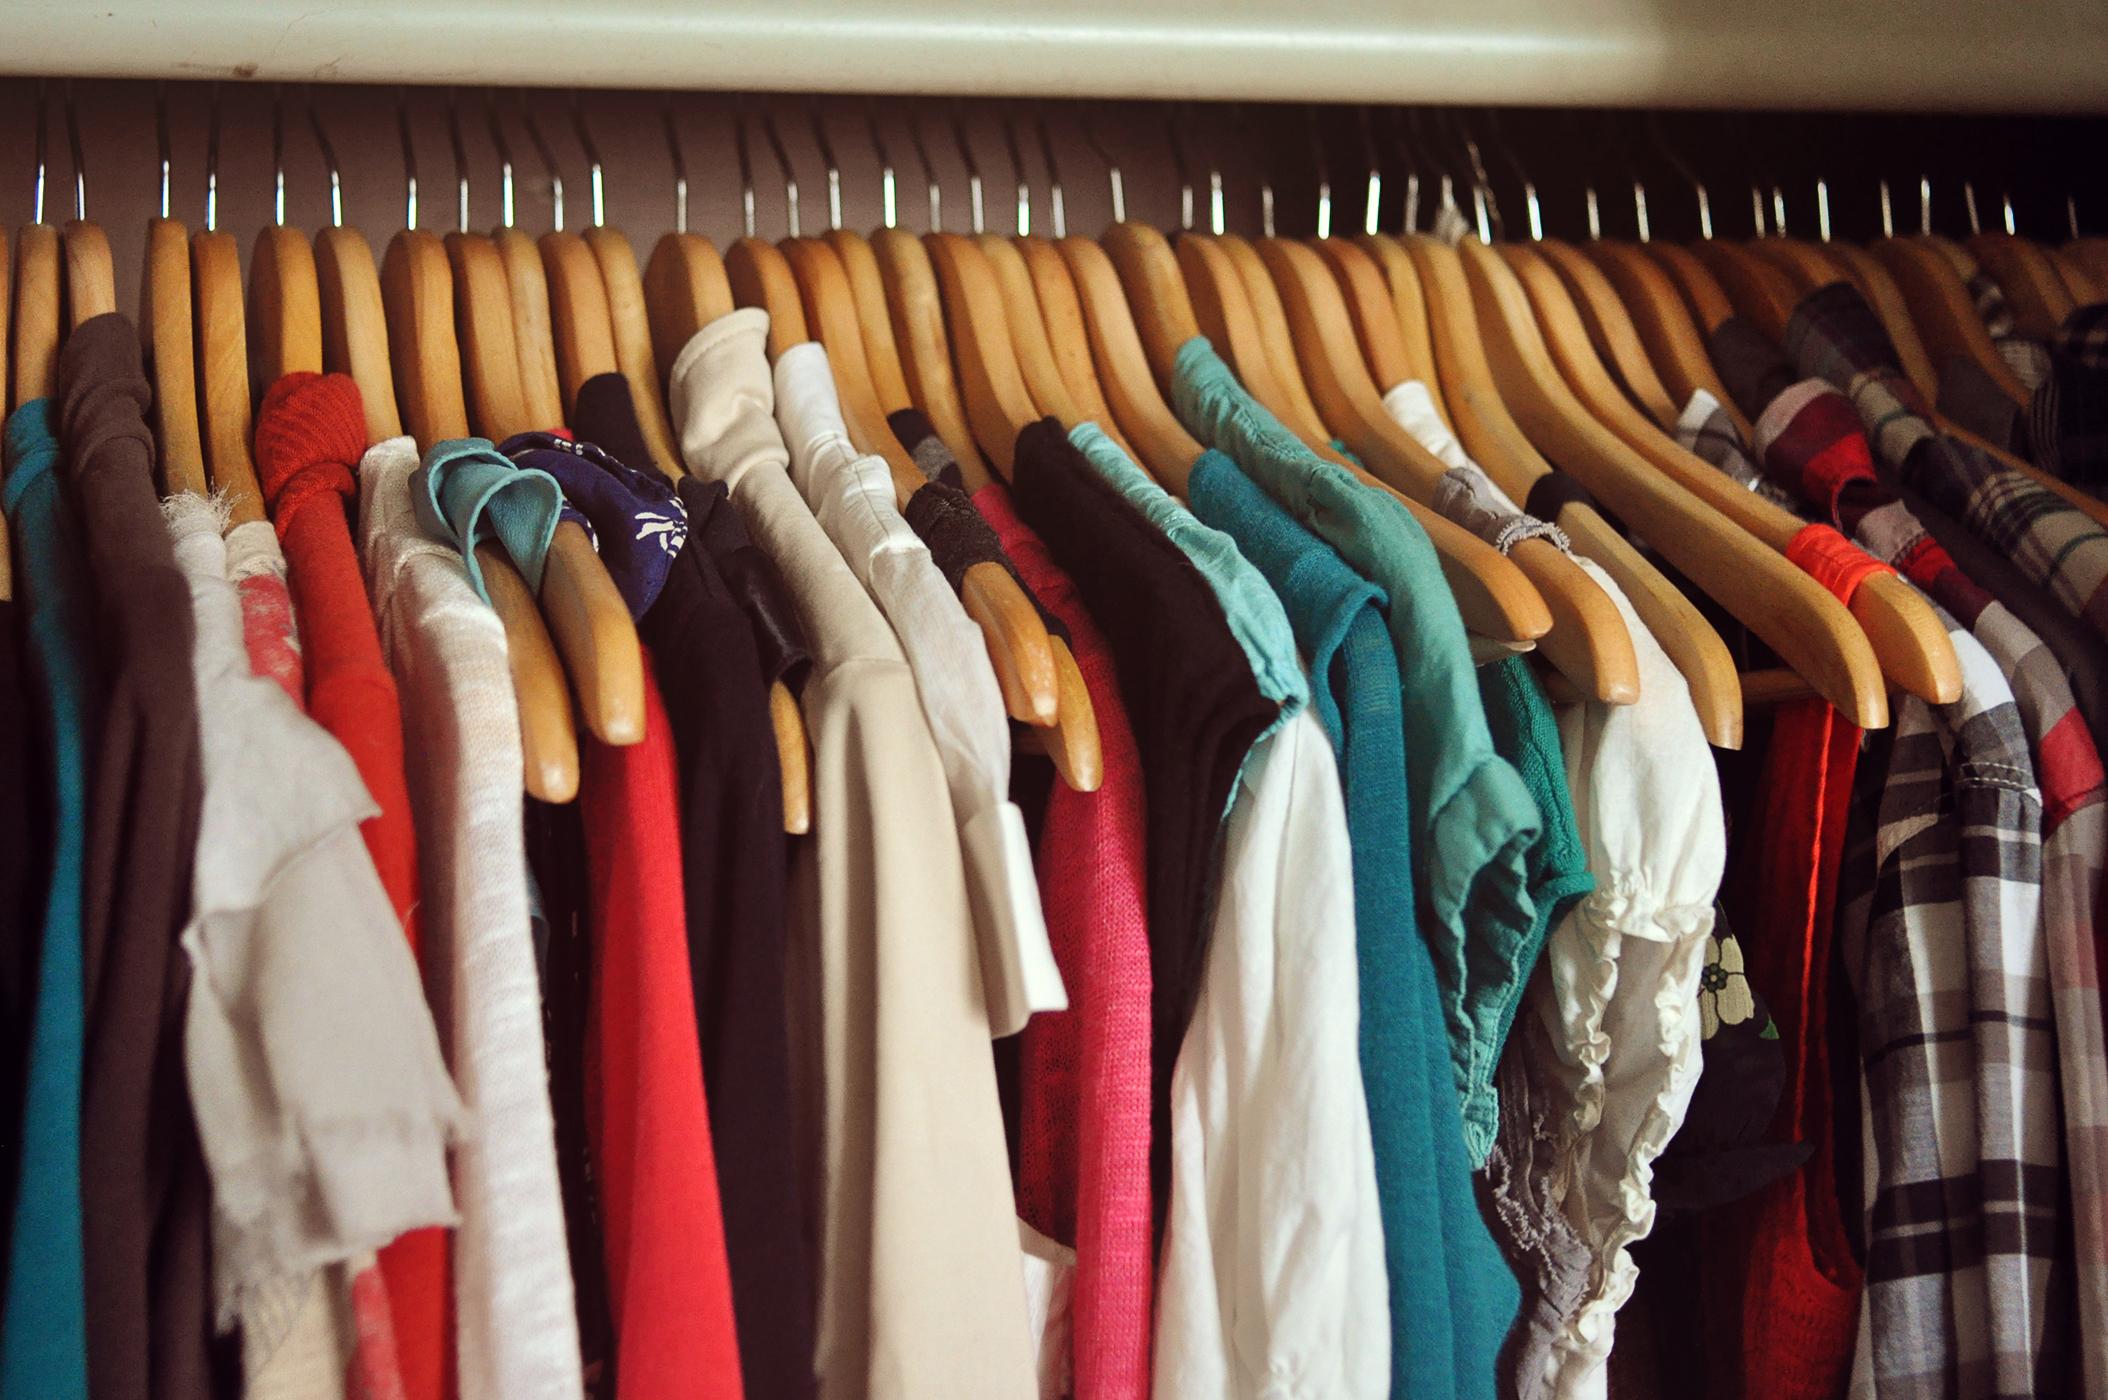 organize-closet-07-flickr-lindsay-szechenyi-031513